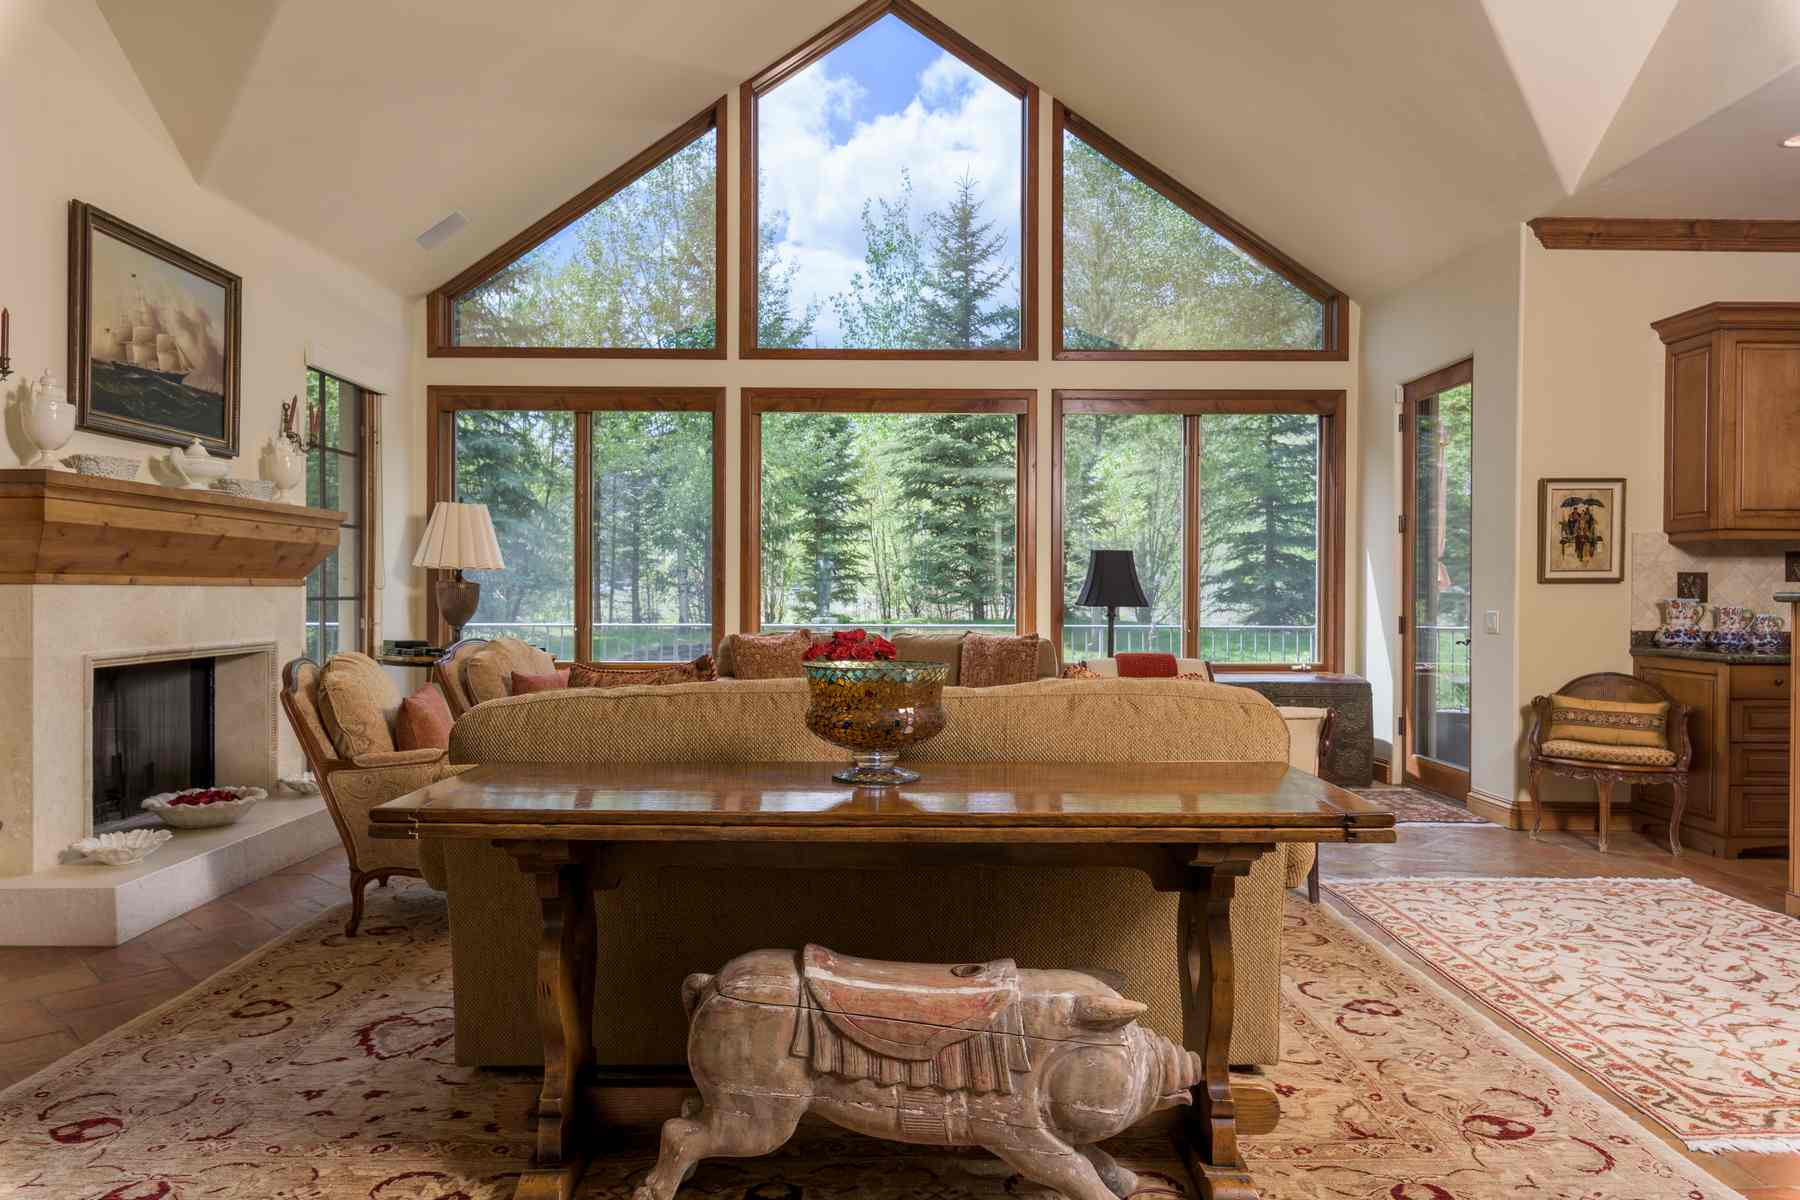 Частный односемейный дом для того Продажа на Rarely Available Estate Caliber Home 1100 W Canyon Run Blvd. Warm Springs, Ketchum, Айдахо, 83340 Соединенные Штаты